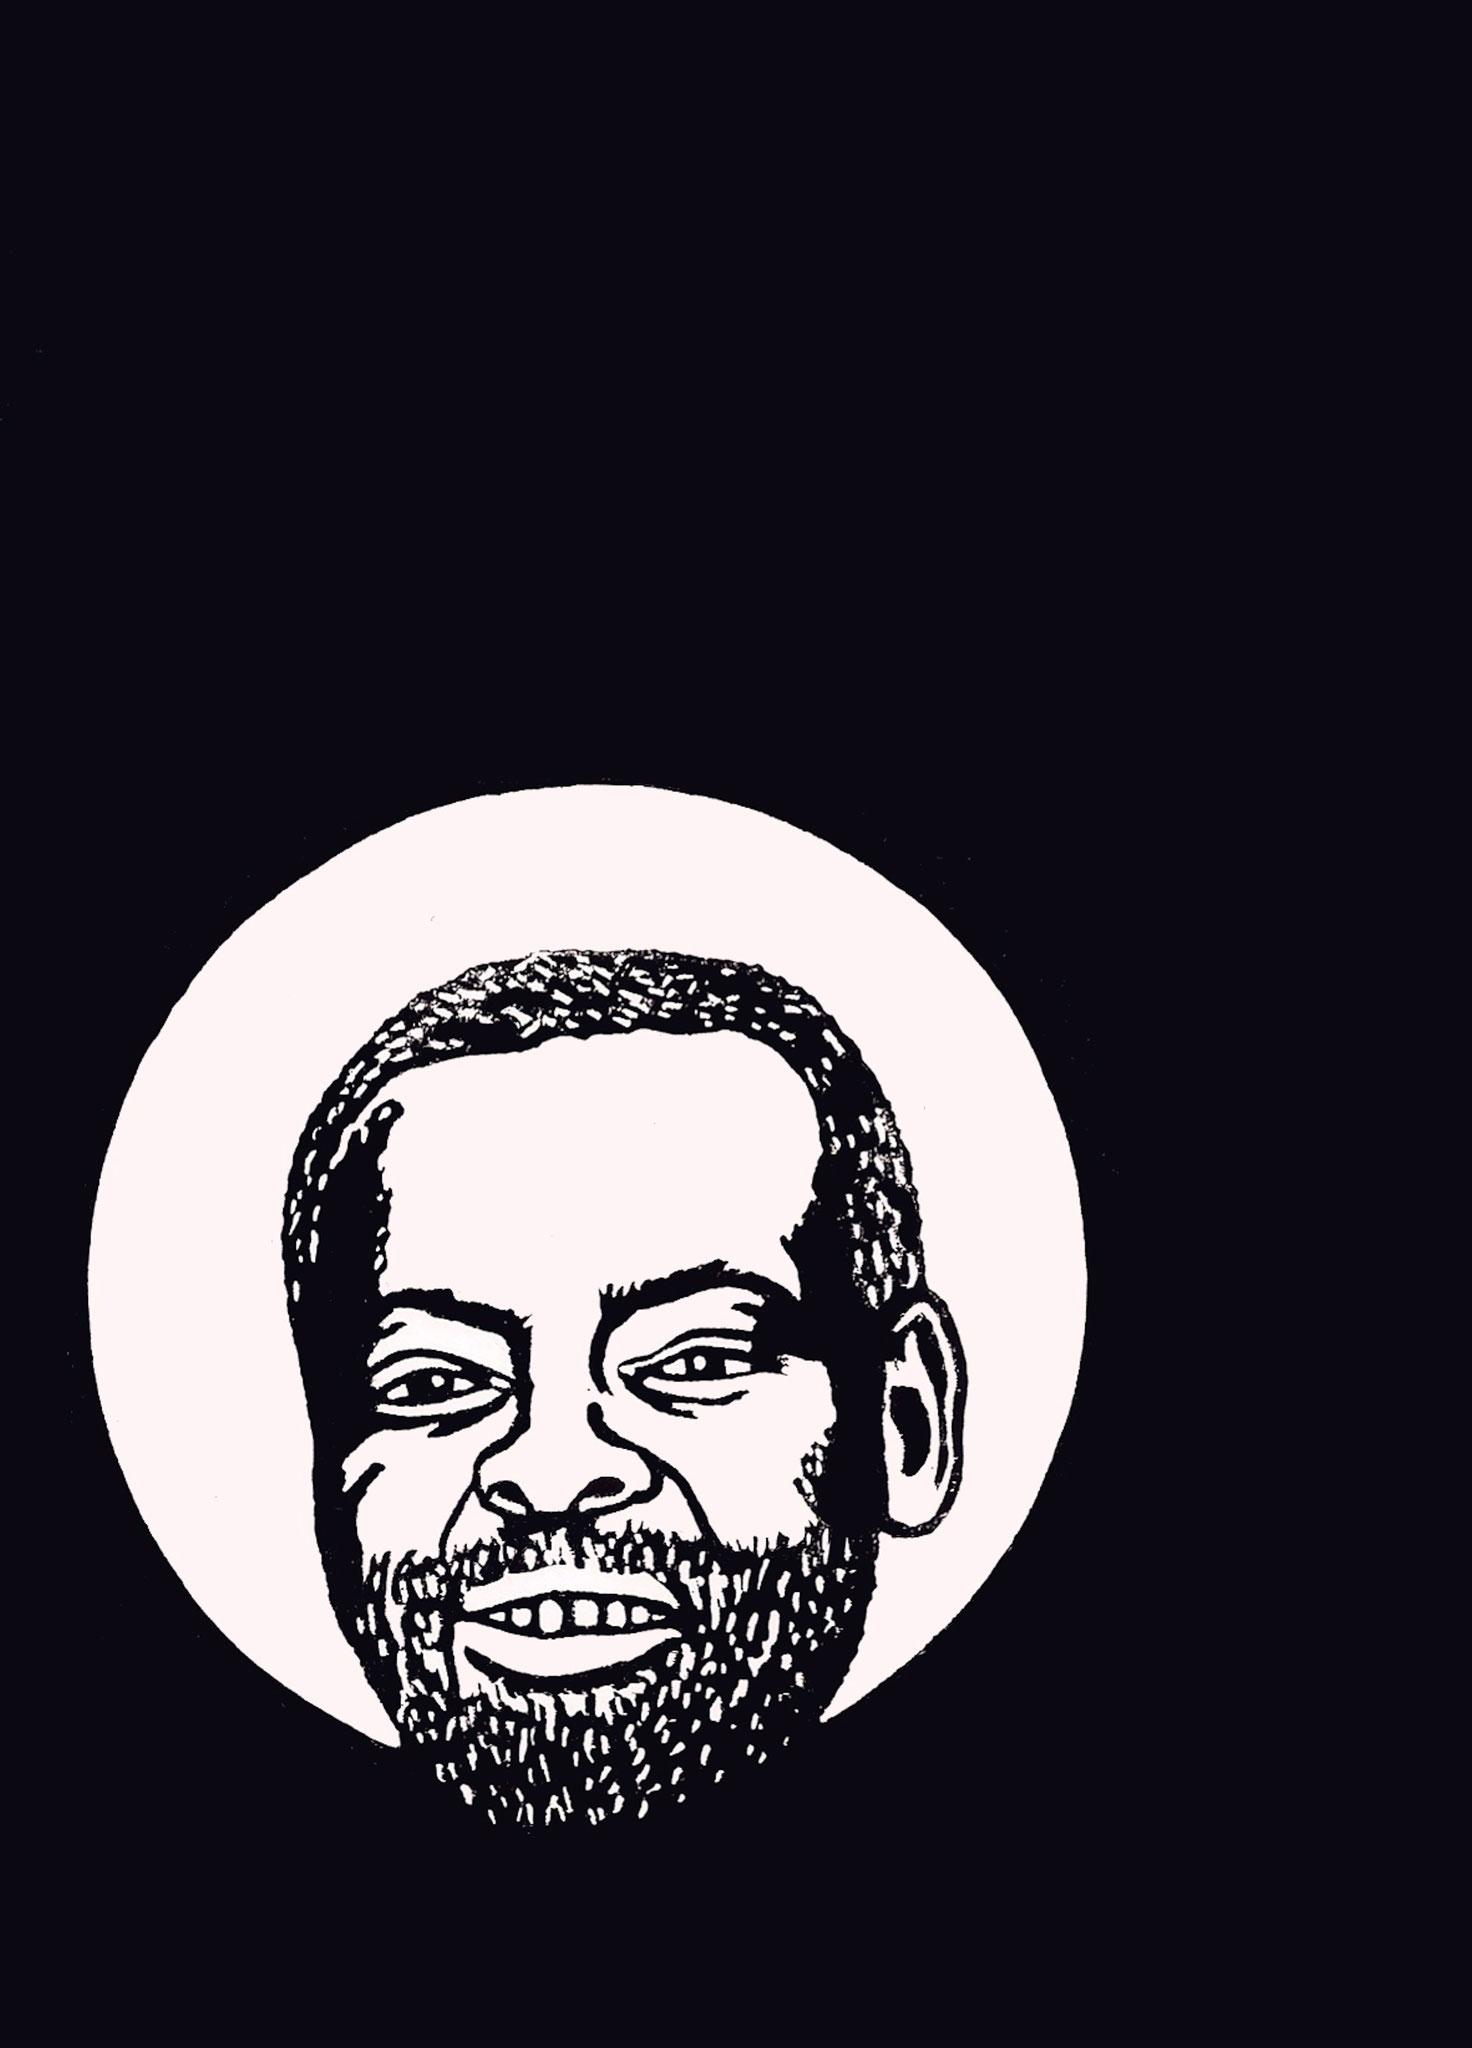 Murhabazi Namegabe, 14/01/2018, Edition 5, A5